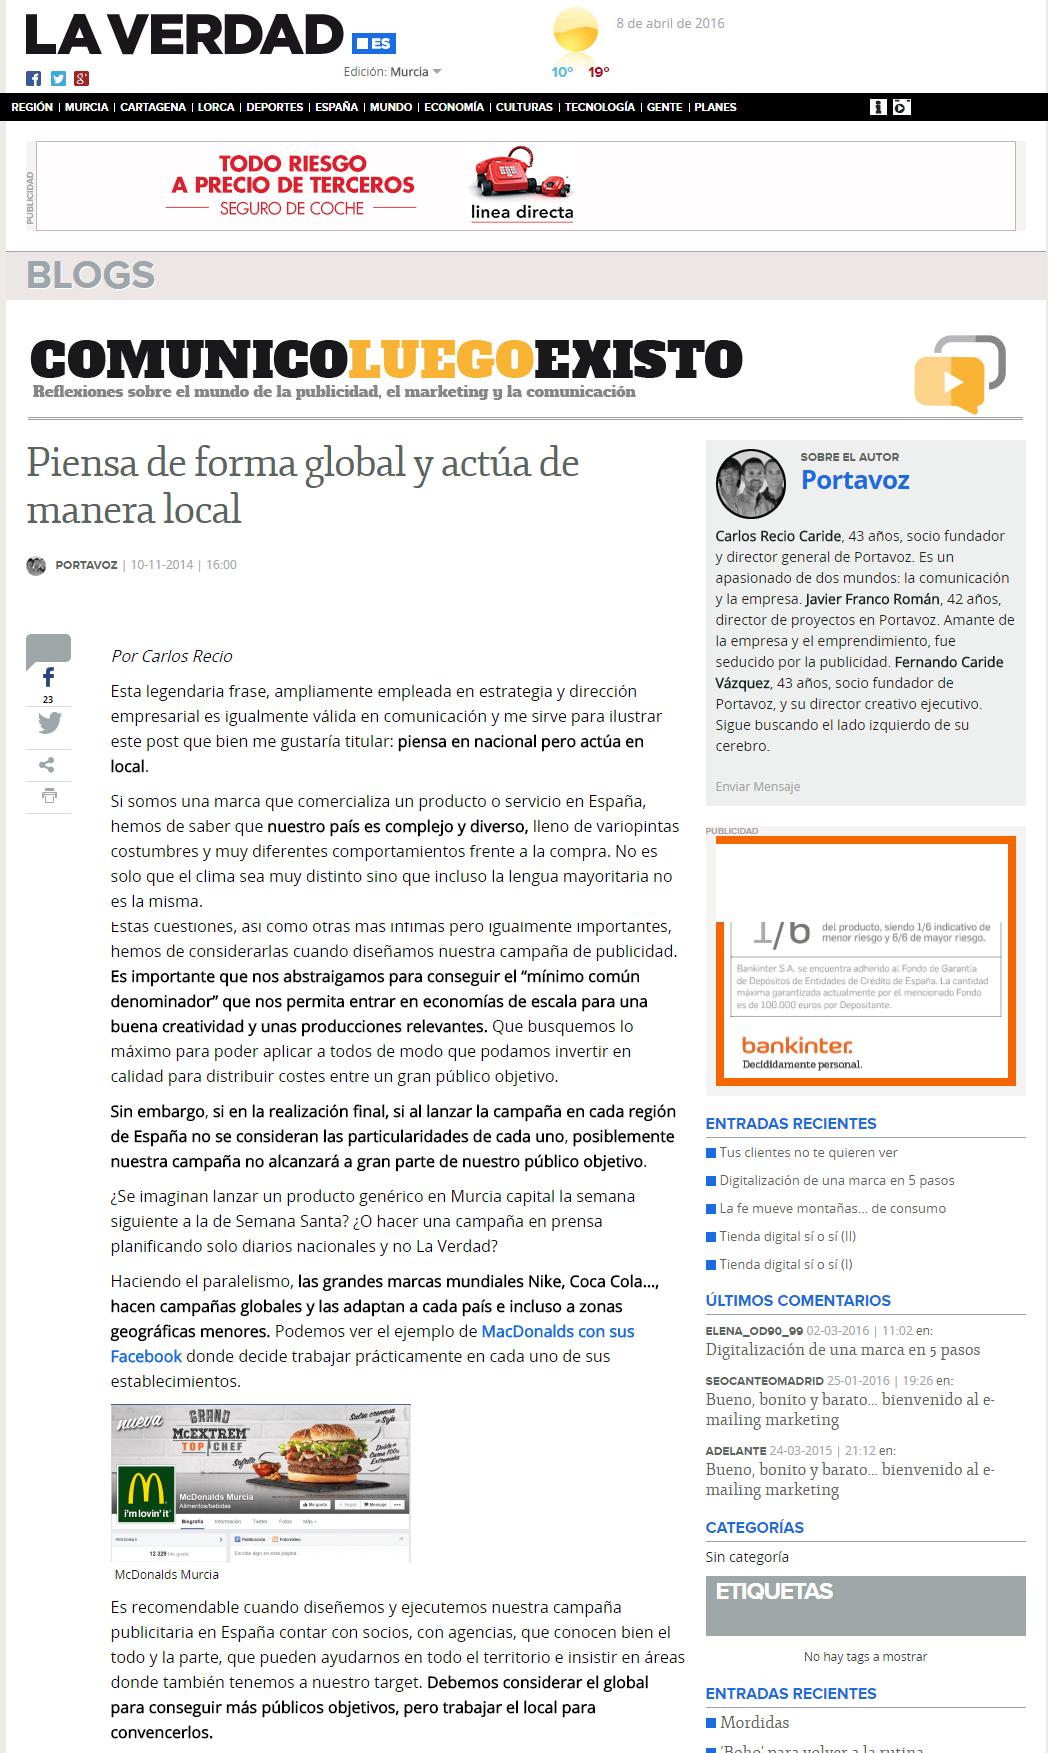 FireShot Capture 93 - Piensa de forma global y actúa de mane_ - http___blogs.laverdad.es_comunicol